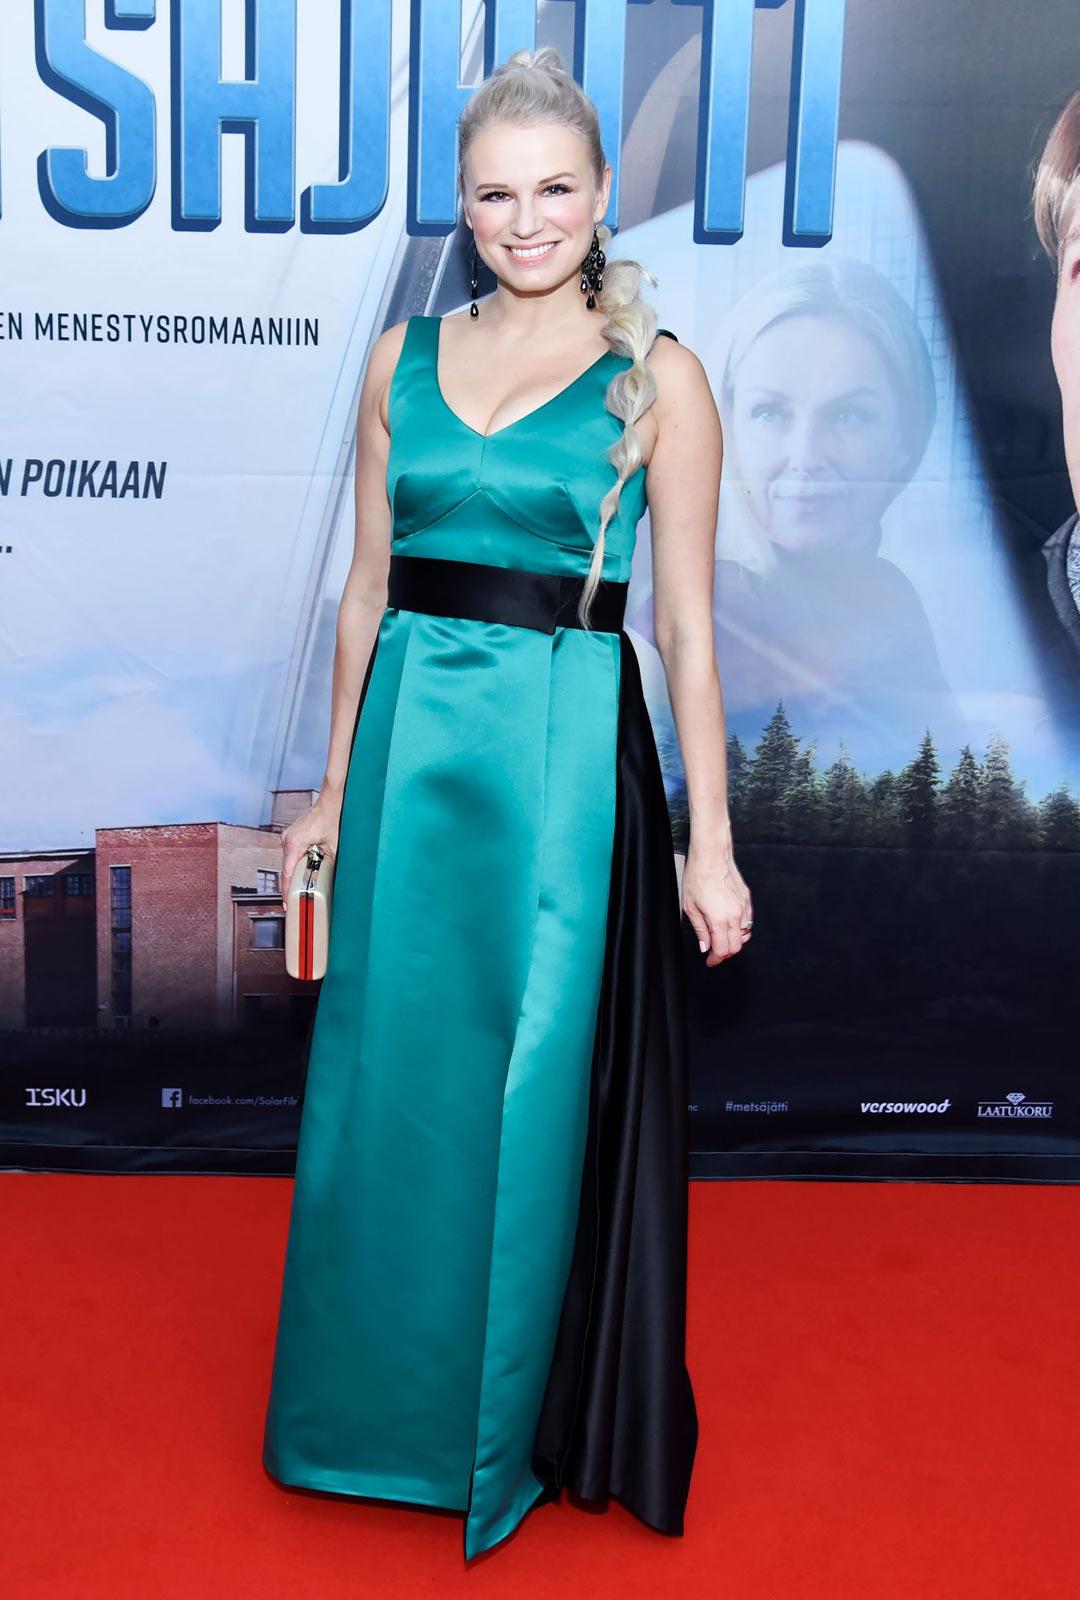 Laulaja-näyttelijä Reeta Vestman oli koronan takia työttömänä viisi kuukautta.